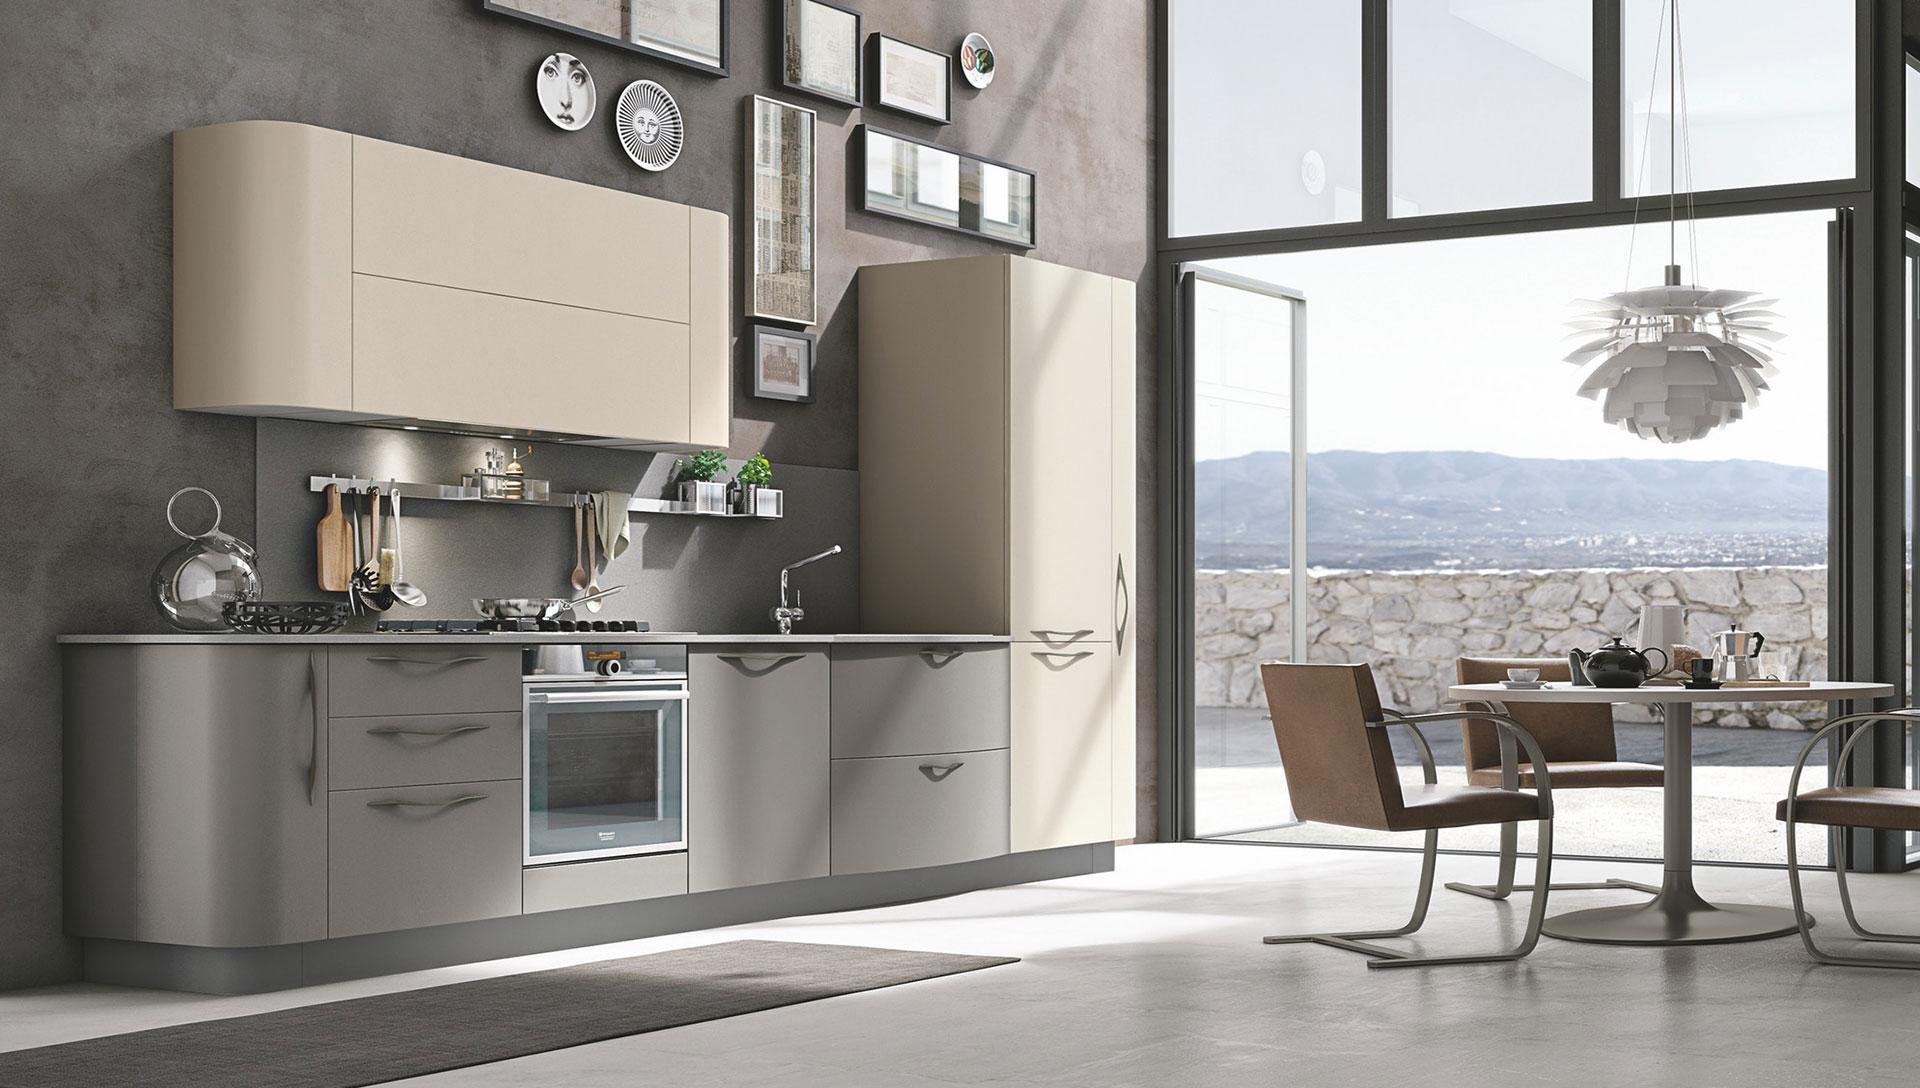 cucina-4-arredamenti-comodus-arredamenti-nicoletti-interni-interior-design-divani-complementi-arredo-mobili-design-accessori-matera